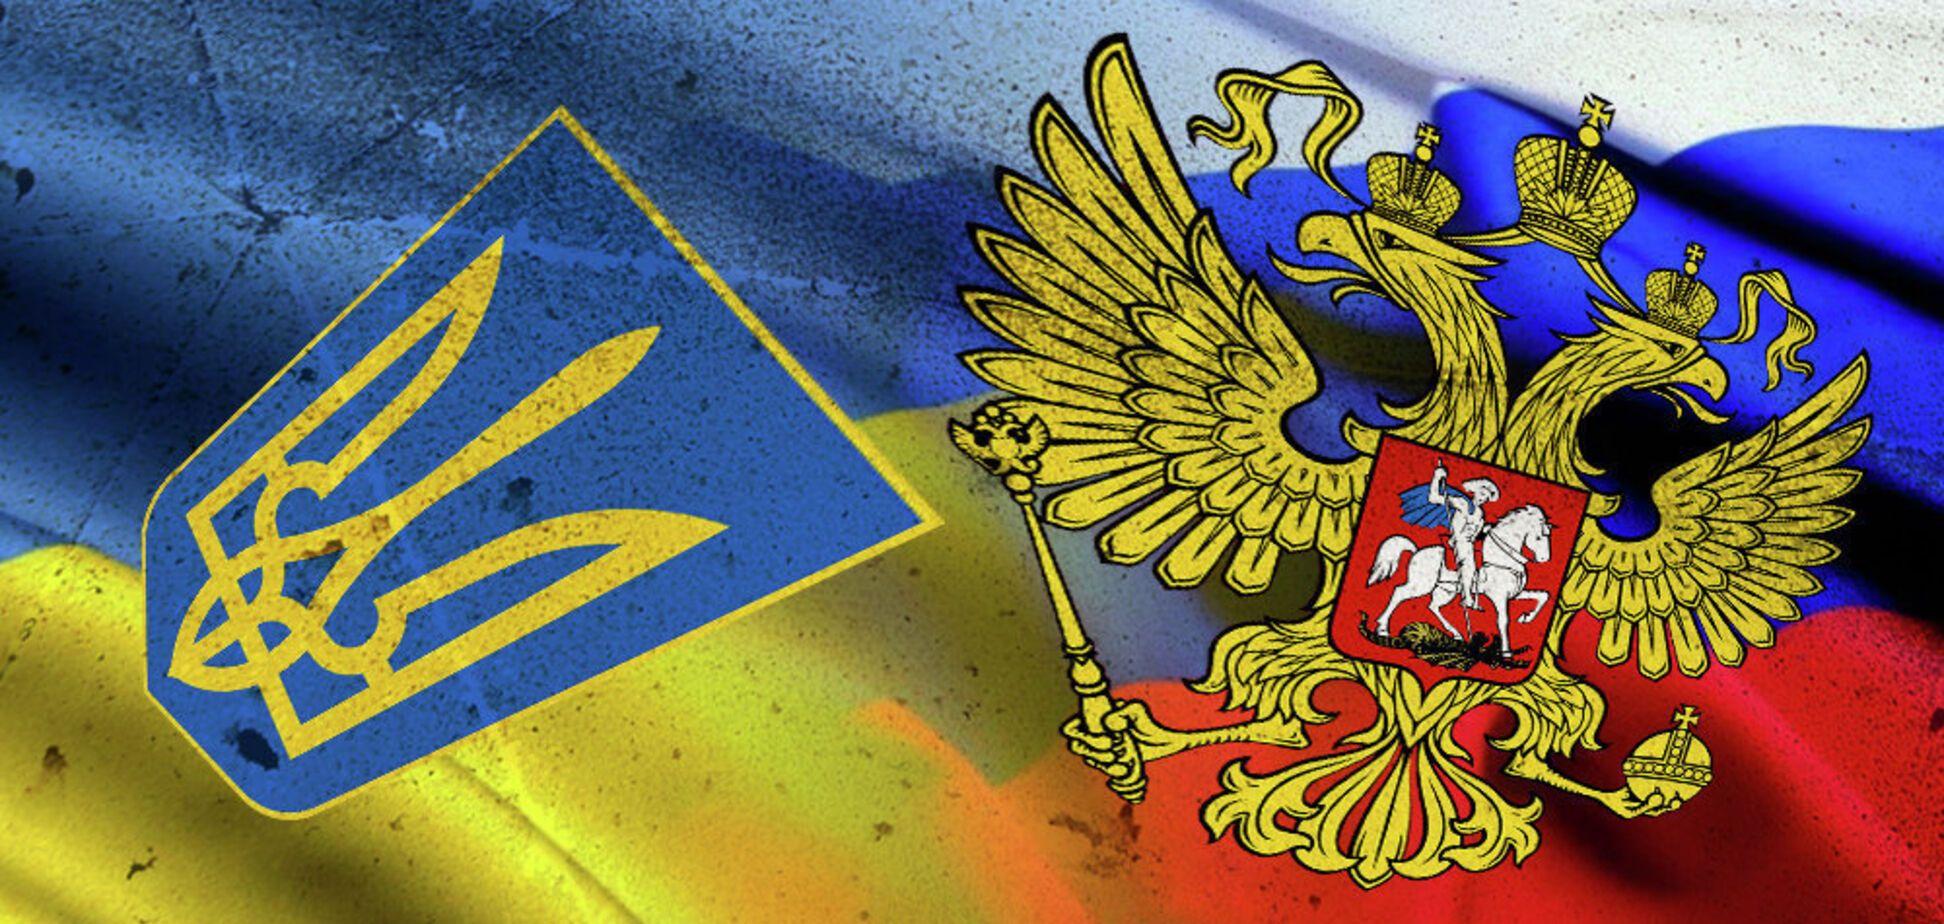 Операція 'Троя': в плані Путіна по України побачили знаковий момент